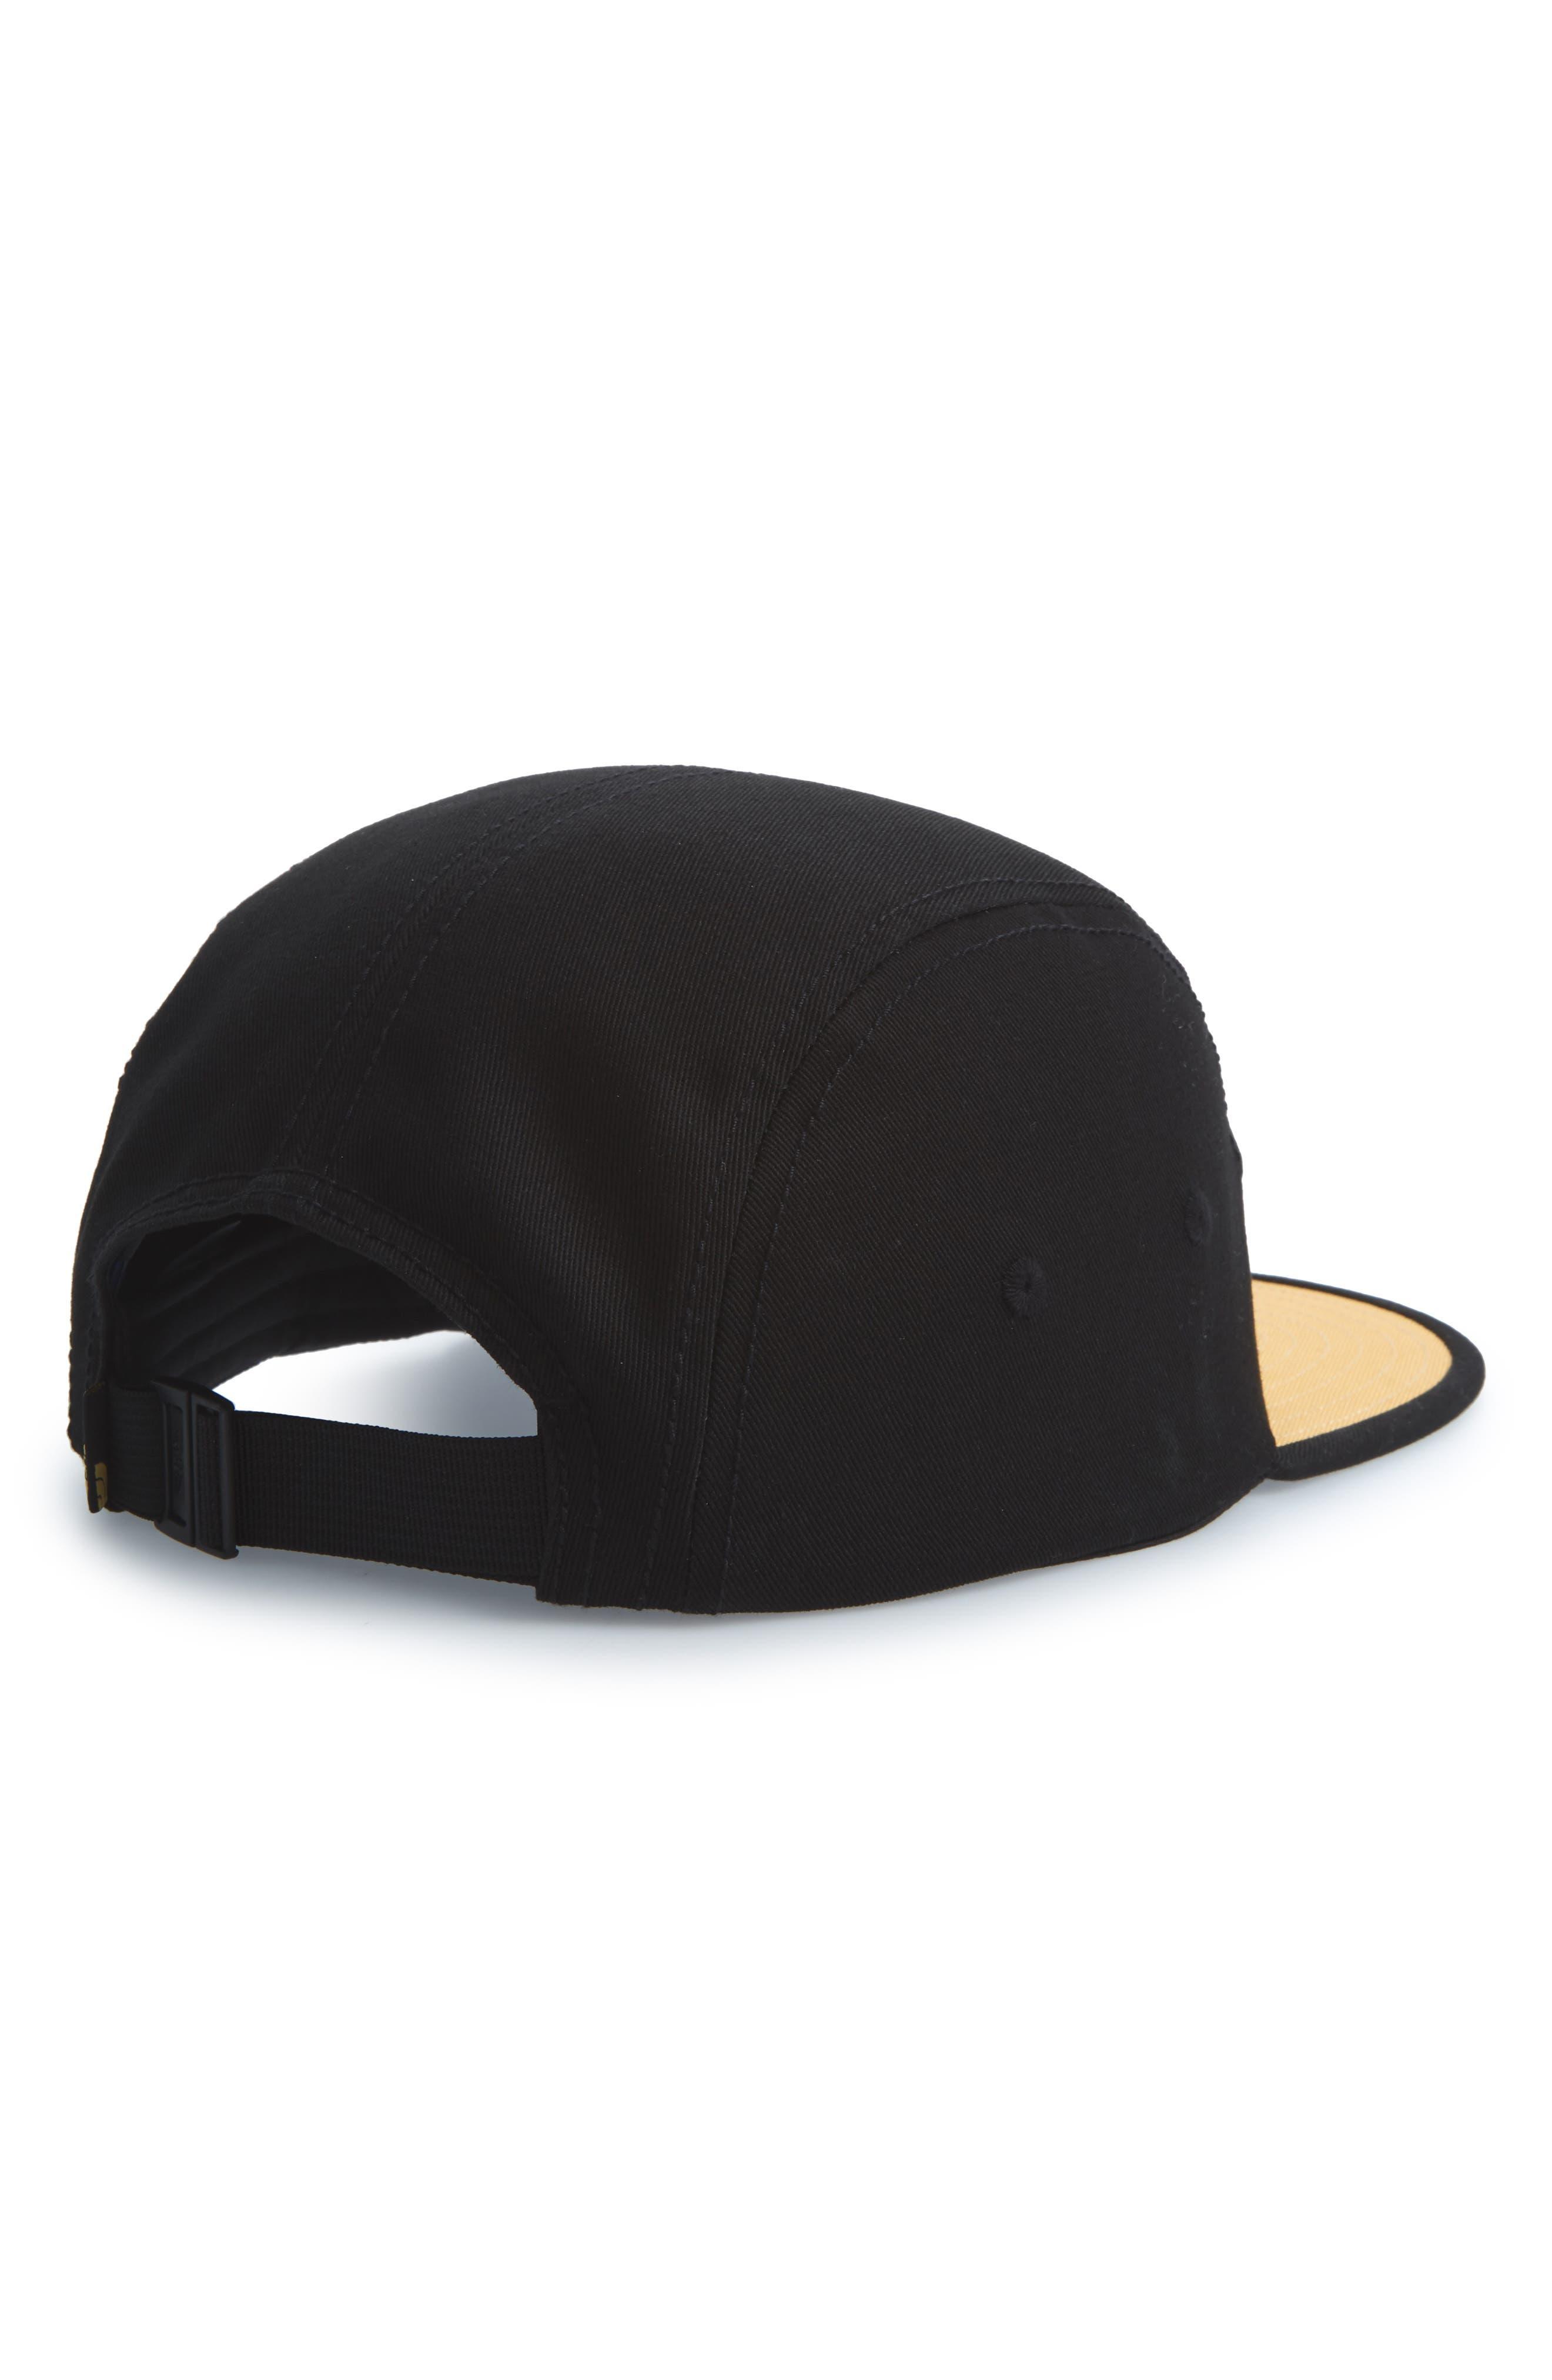 Five-Panel Baseball Cap,                             Alternate thumbnail 2, color,                             Dish Blue/ Black/ Amber